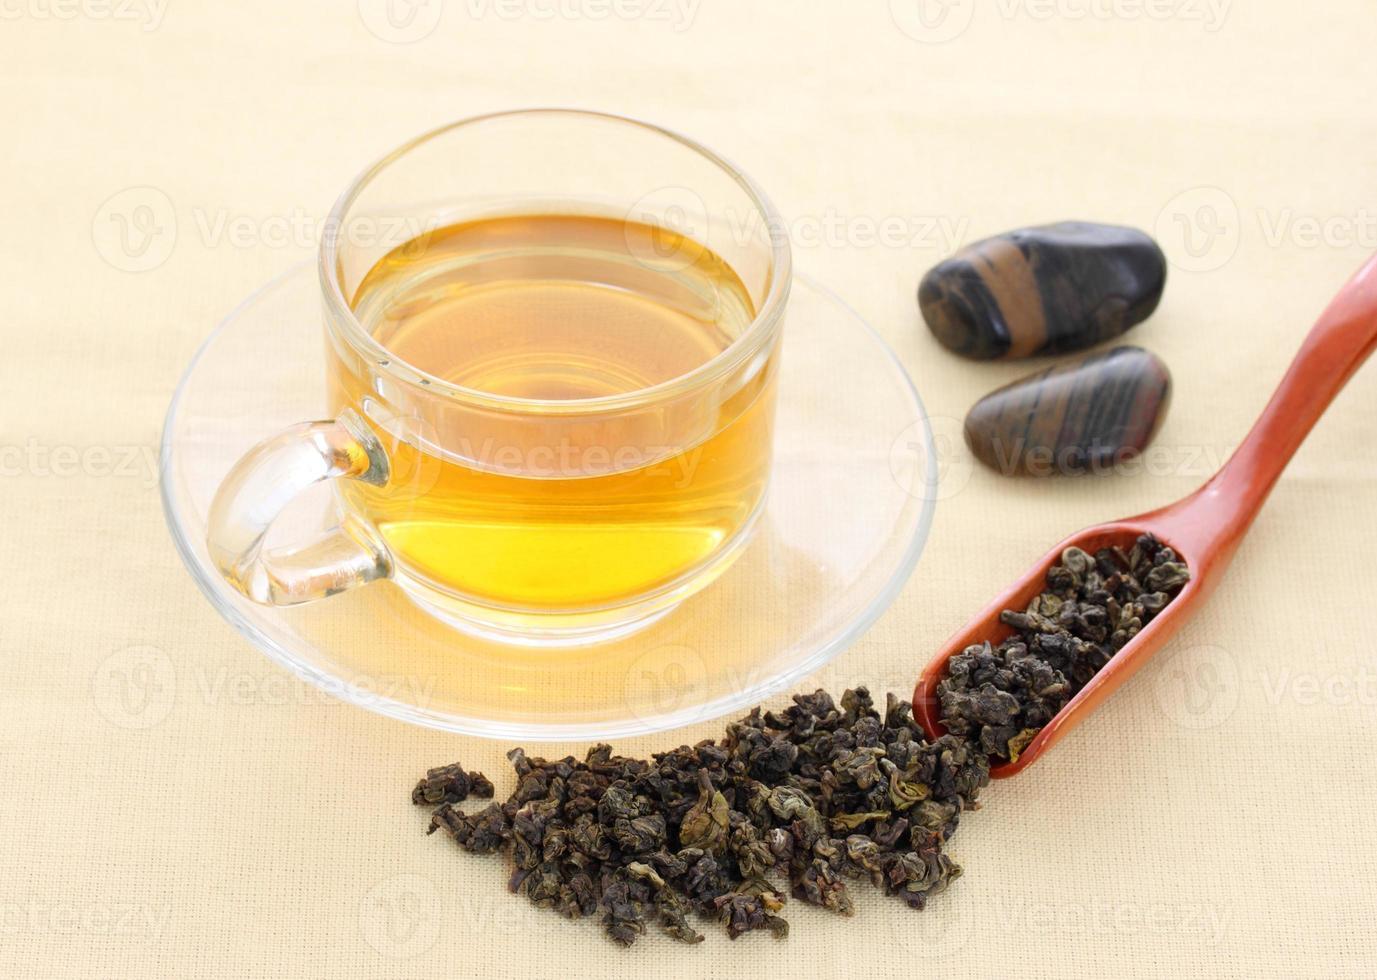 kopje met groene thee foto